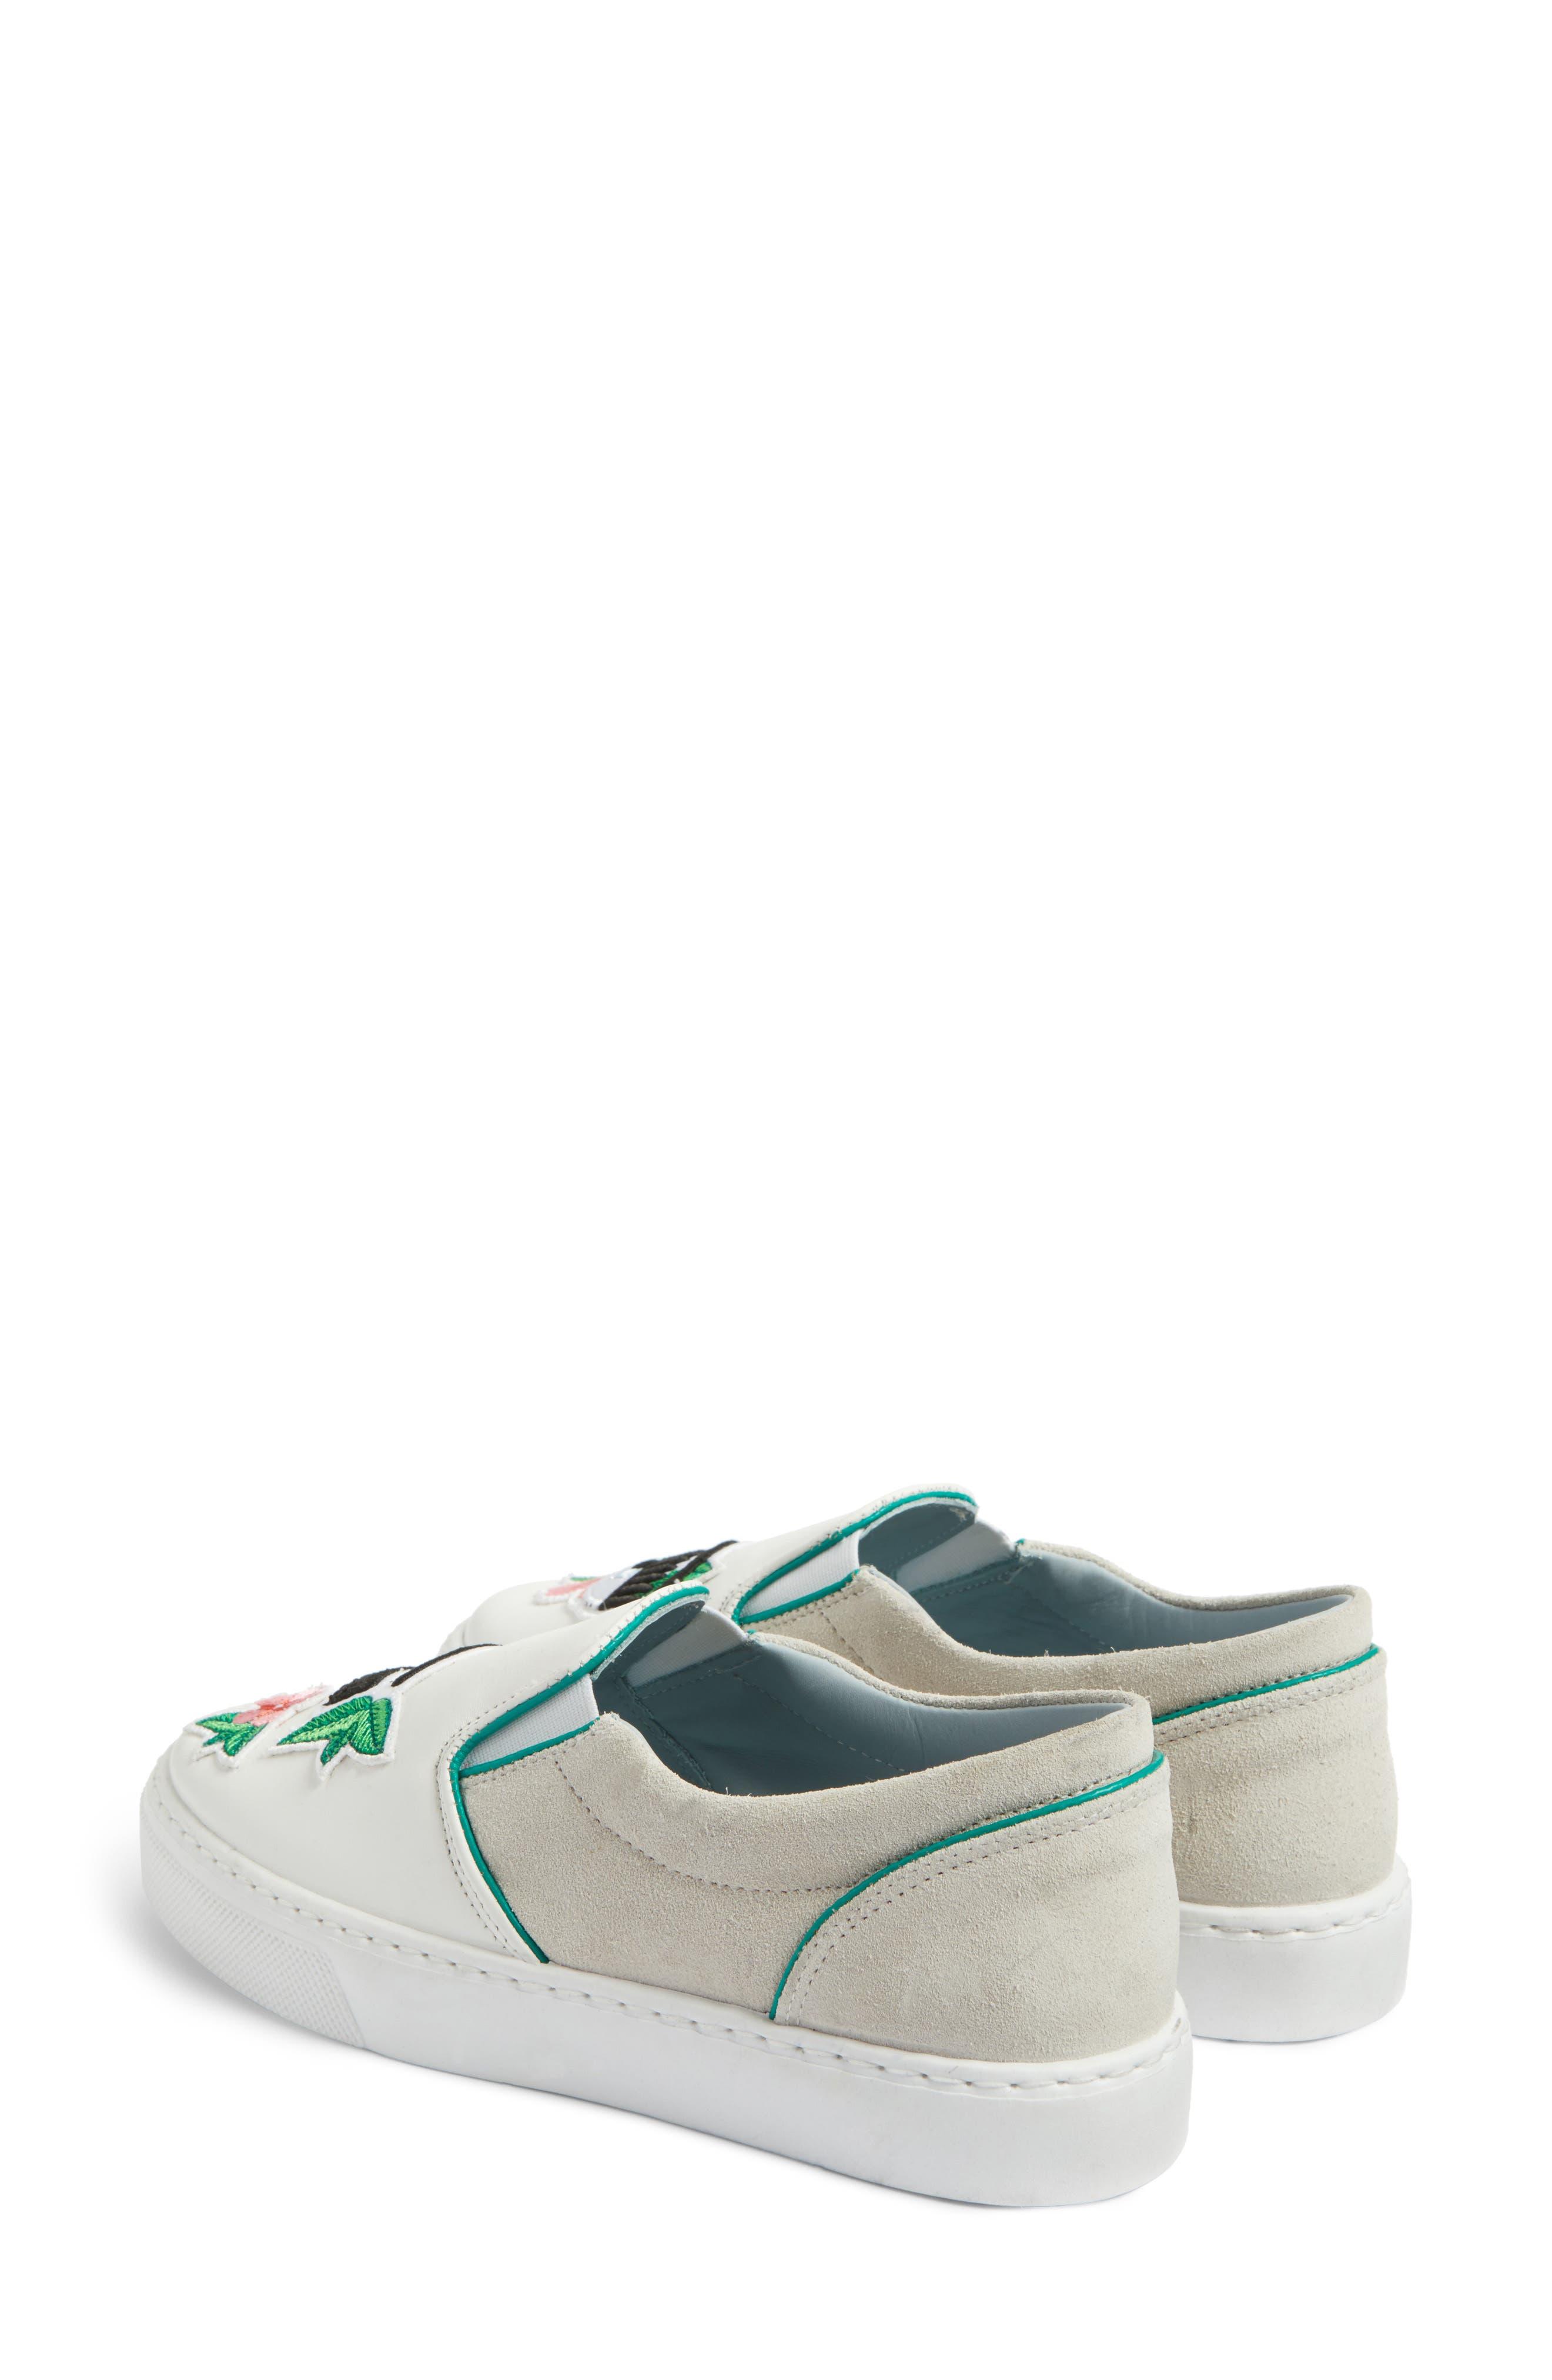 Flower Power Slip-On Sneaker,                             Alternate thumbnail 3, color,                             168